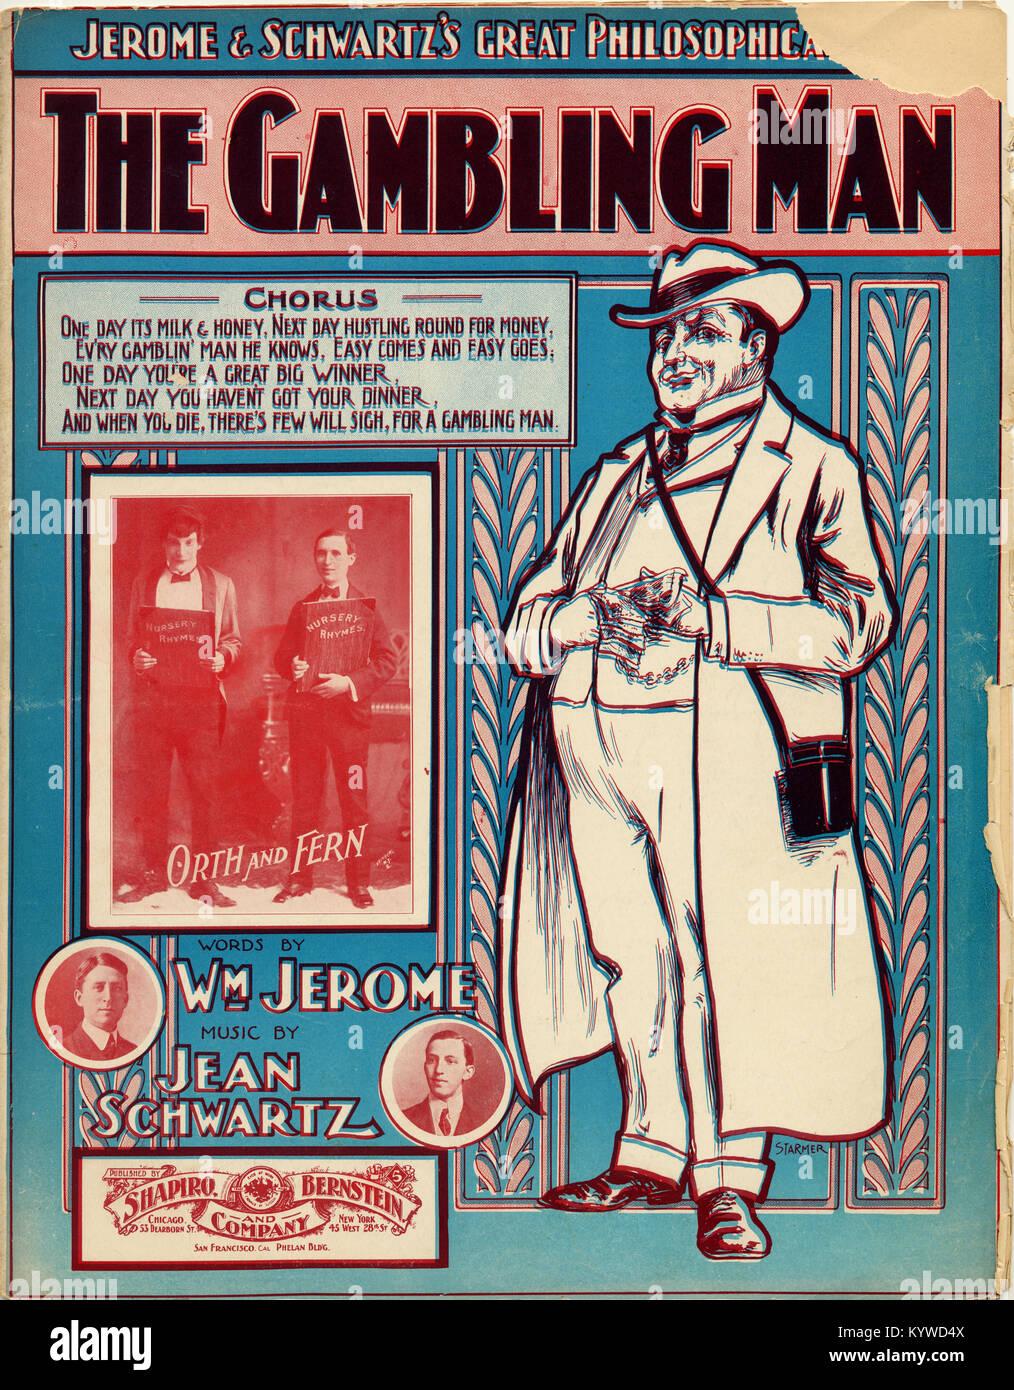 The Gambling Man - Stock Image